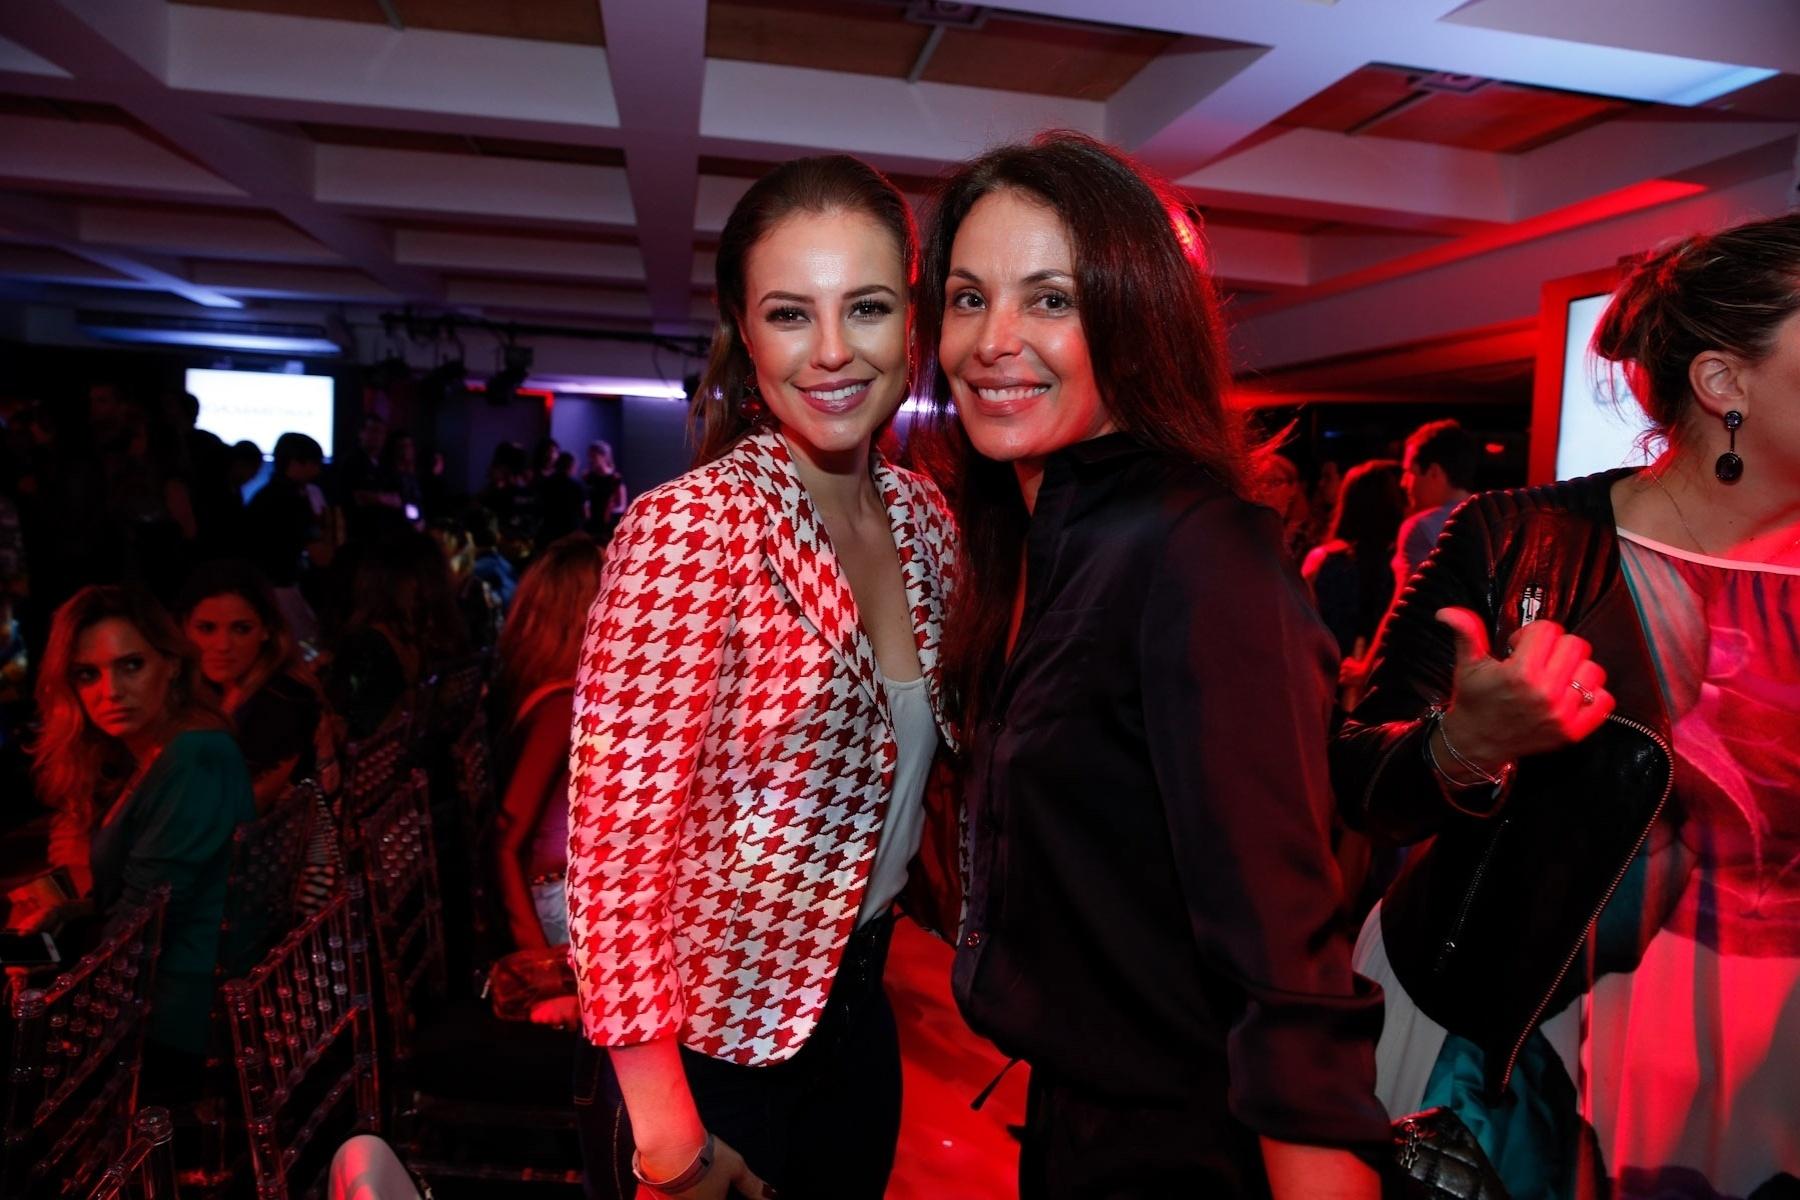 11.jul.2014 - Paolla Oliveira e Carolina Ferraz prestigiaram o desfile da grife Cia Marítima realizado em um hotel na zona sul do Rio